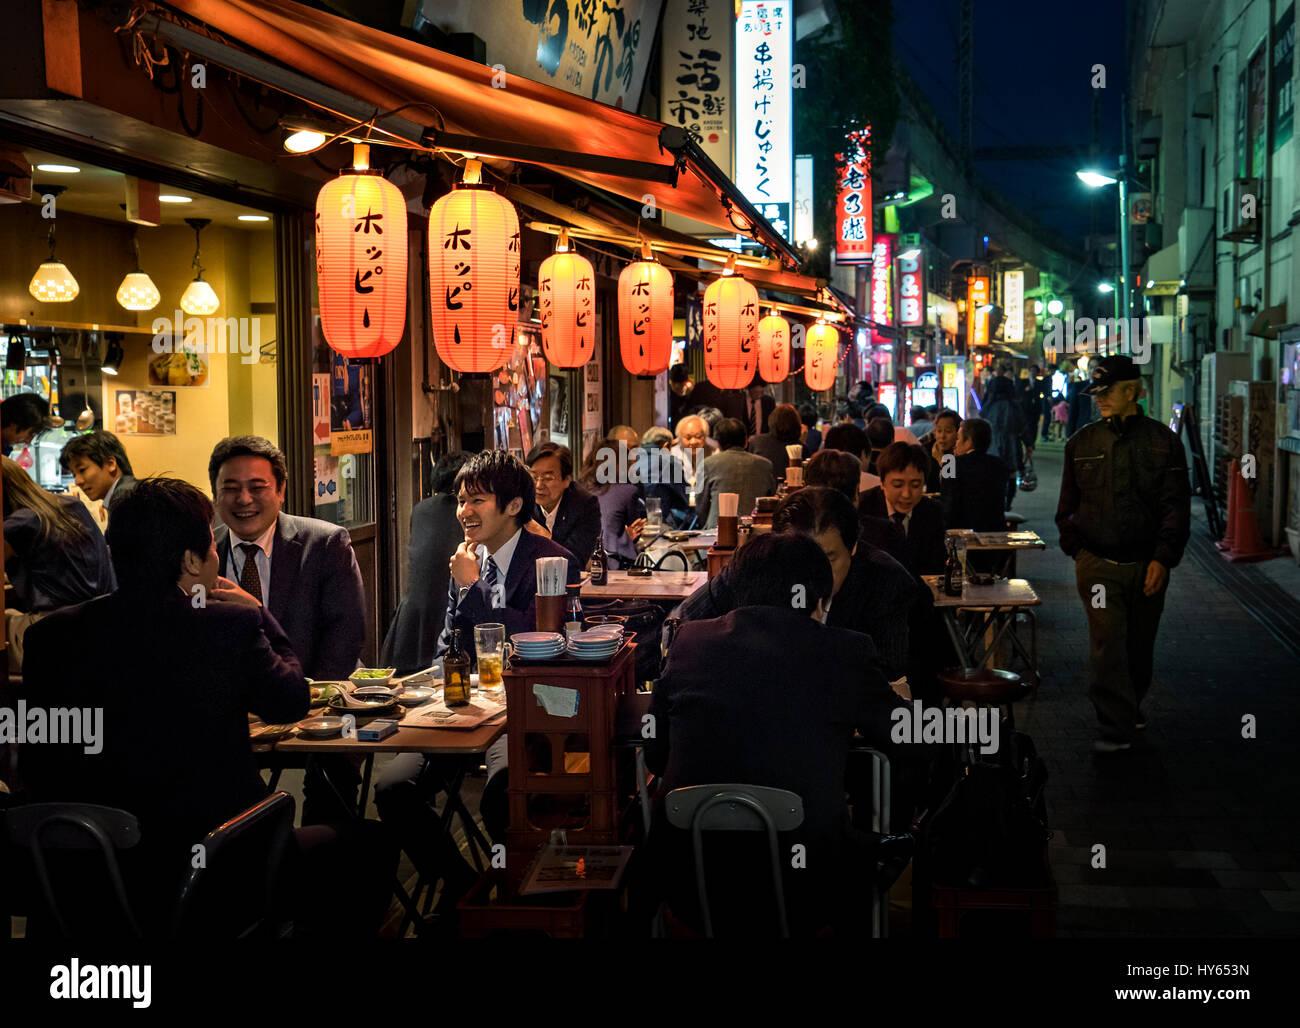 Japan, Tokyo, Ueno, Izakaya, salarymen having drink after daywork. - Stock Image